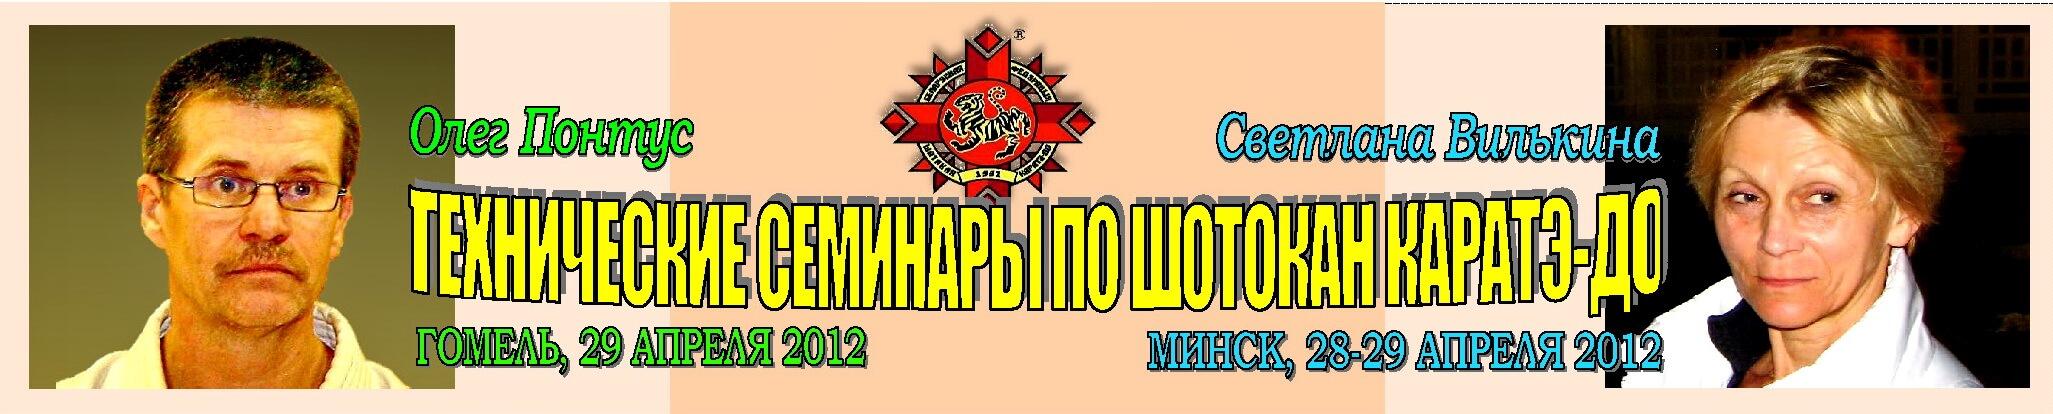 2012 Семинары Минск Гомель Баннер